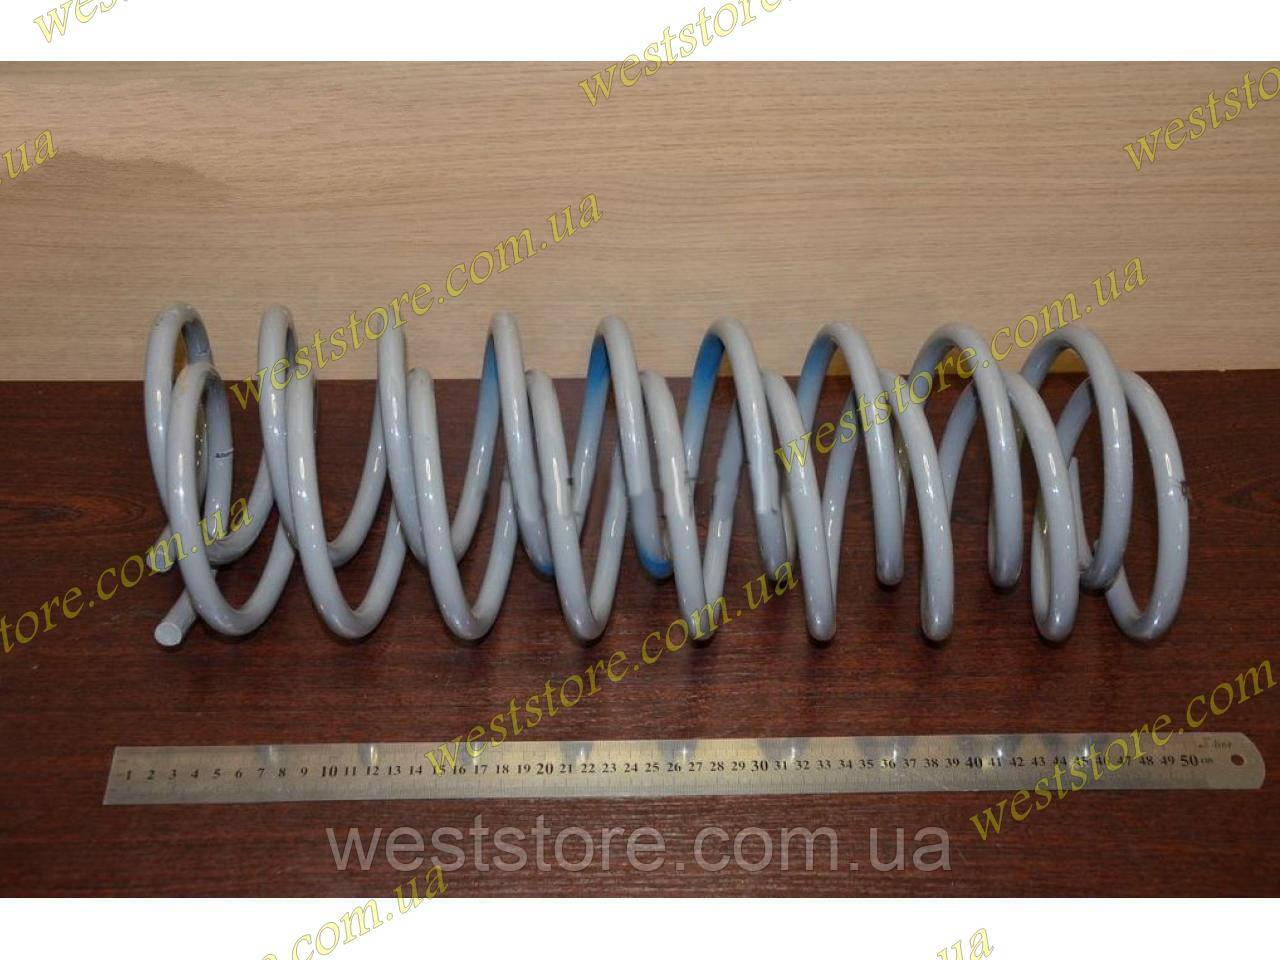 Пружины задней подвески Ваз 2102-2104 ВАЗ (к-кт 2шт) Синяя голубая метка